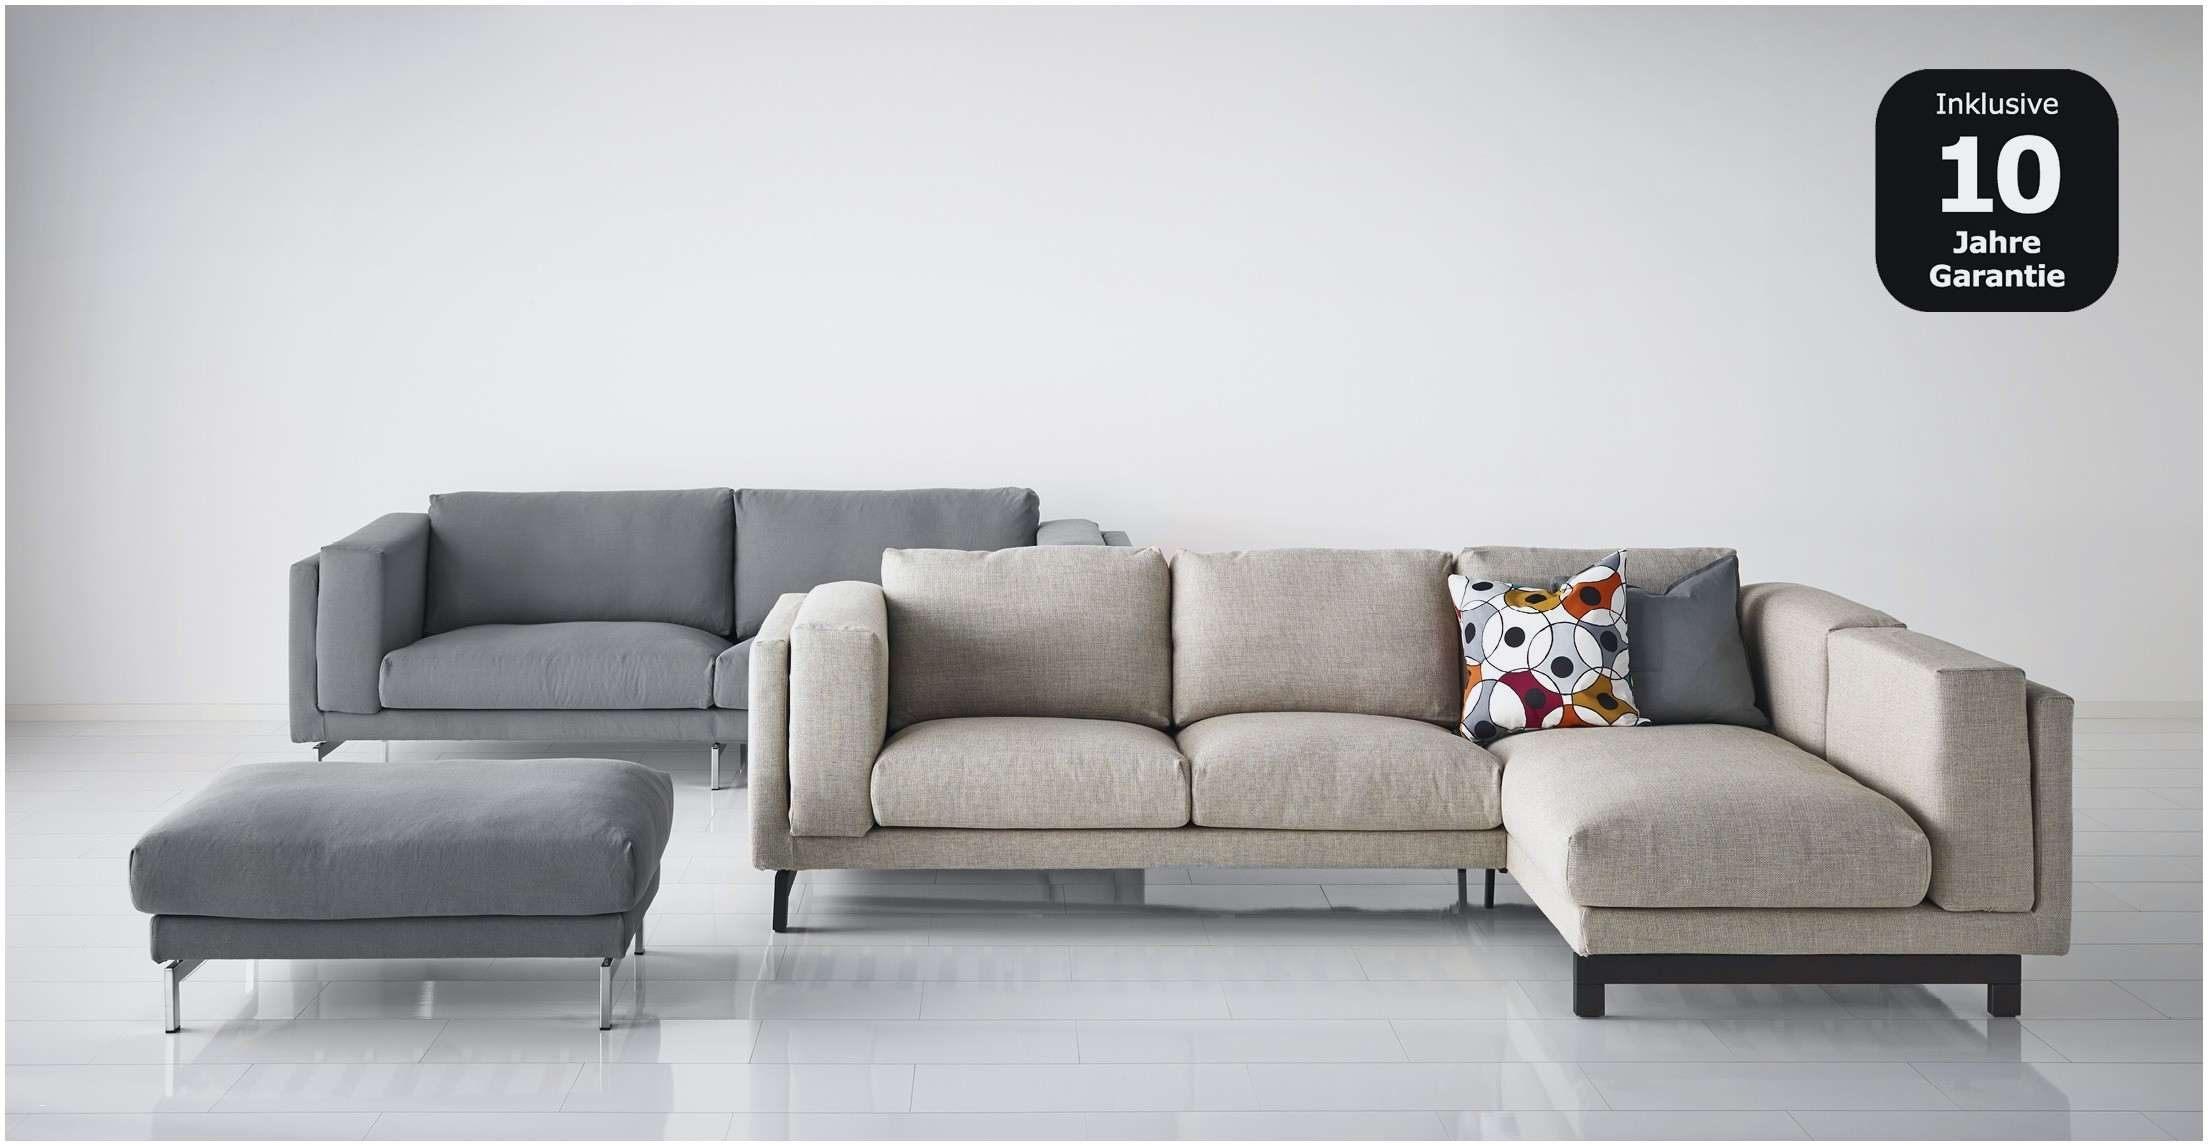 Ikea Canapé Lit Convertible Impressionnant Inspiré Ikea Canapes Beautiful 41 élégant Canape Ikea Beige